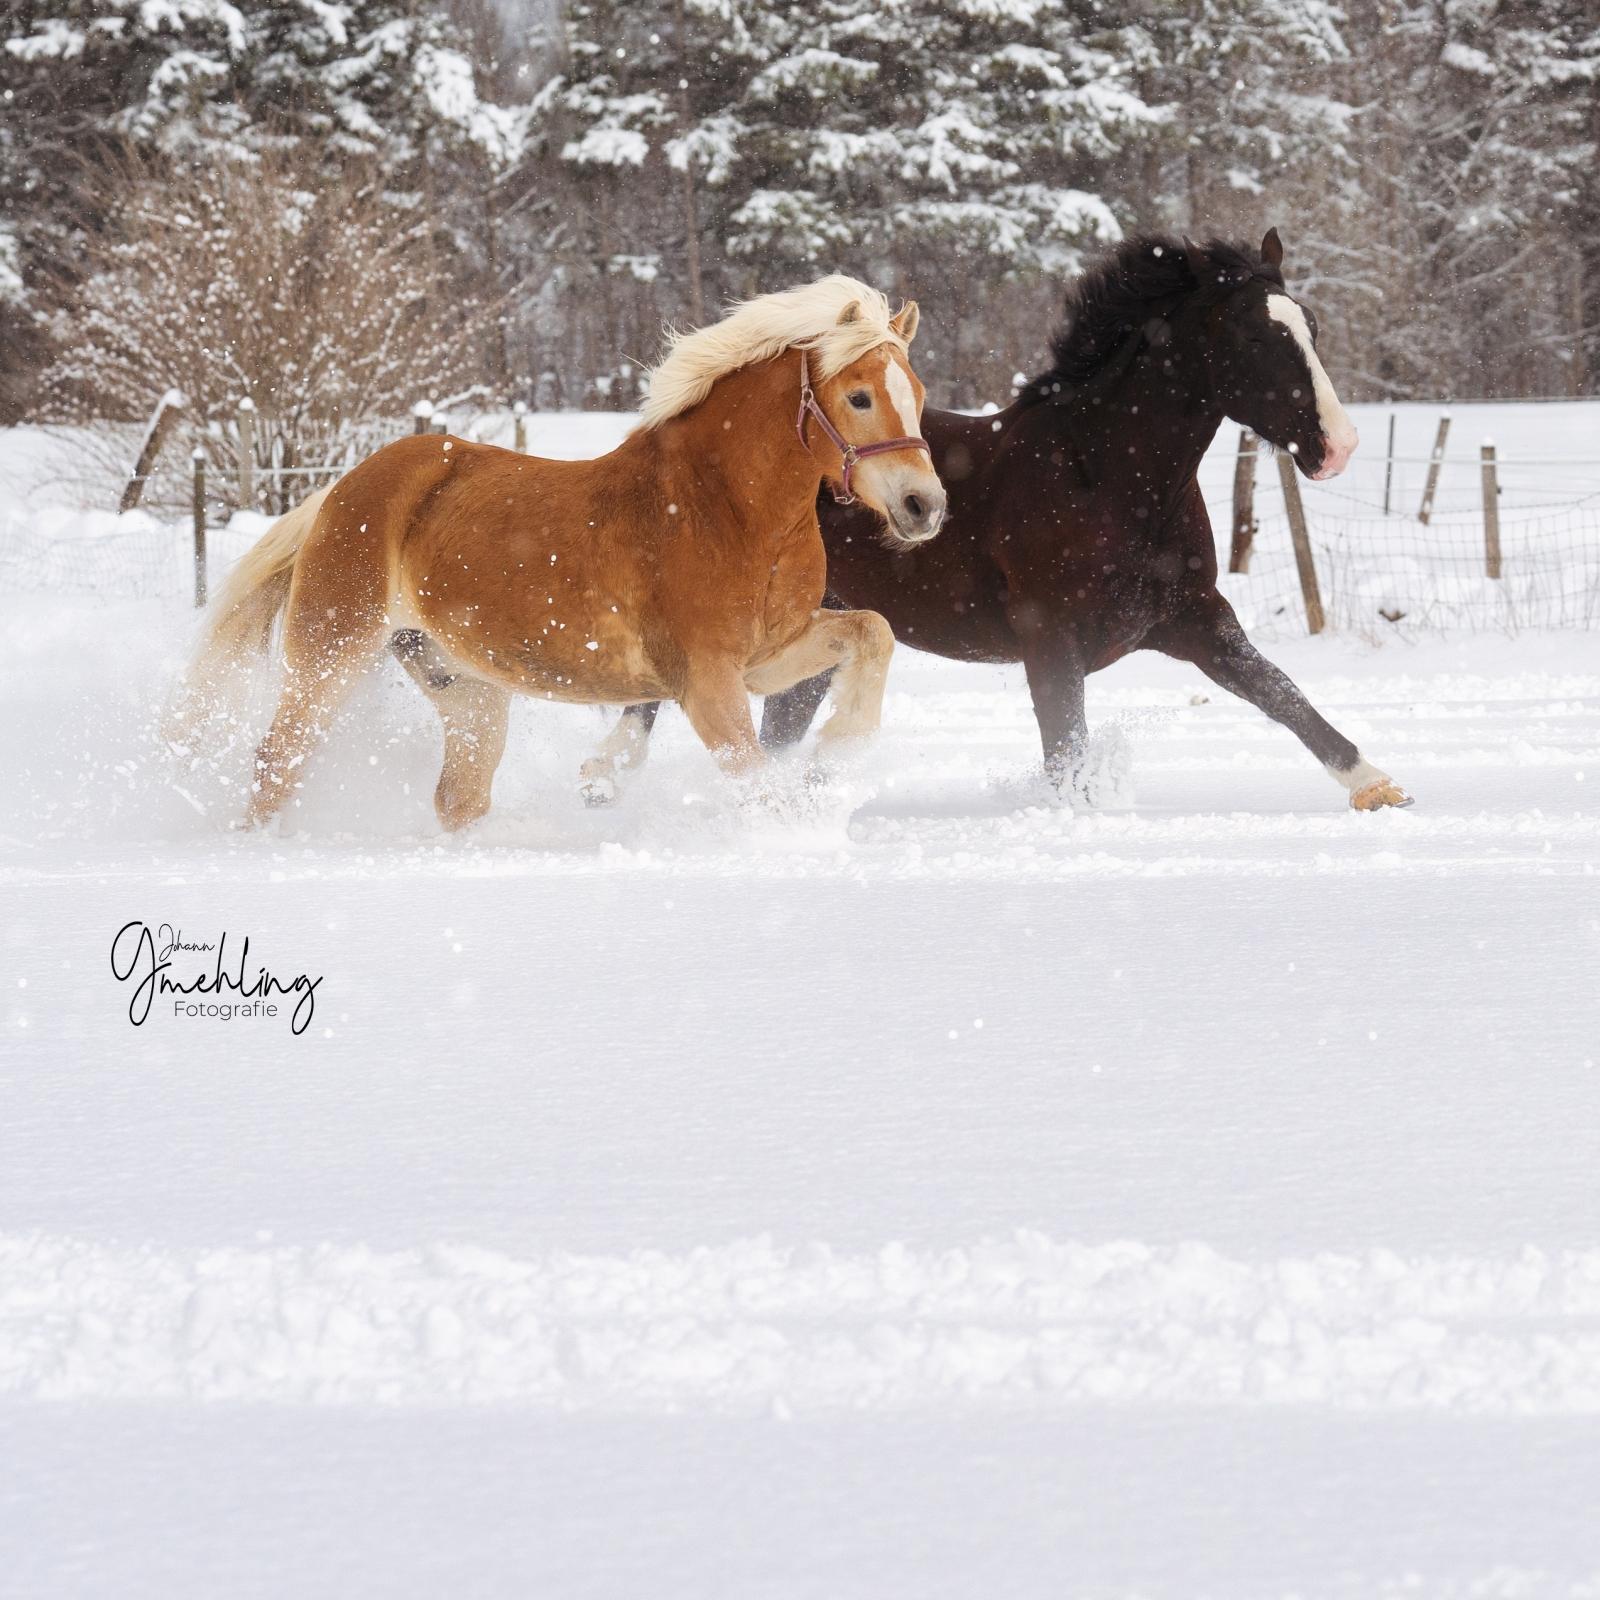 Zwei laufende Pferde im Schnee